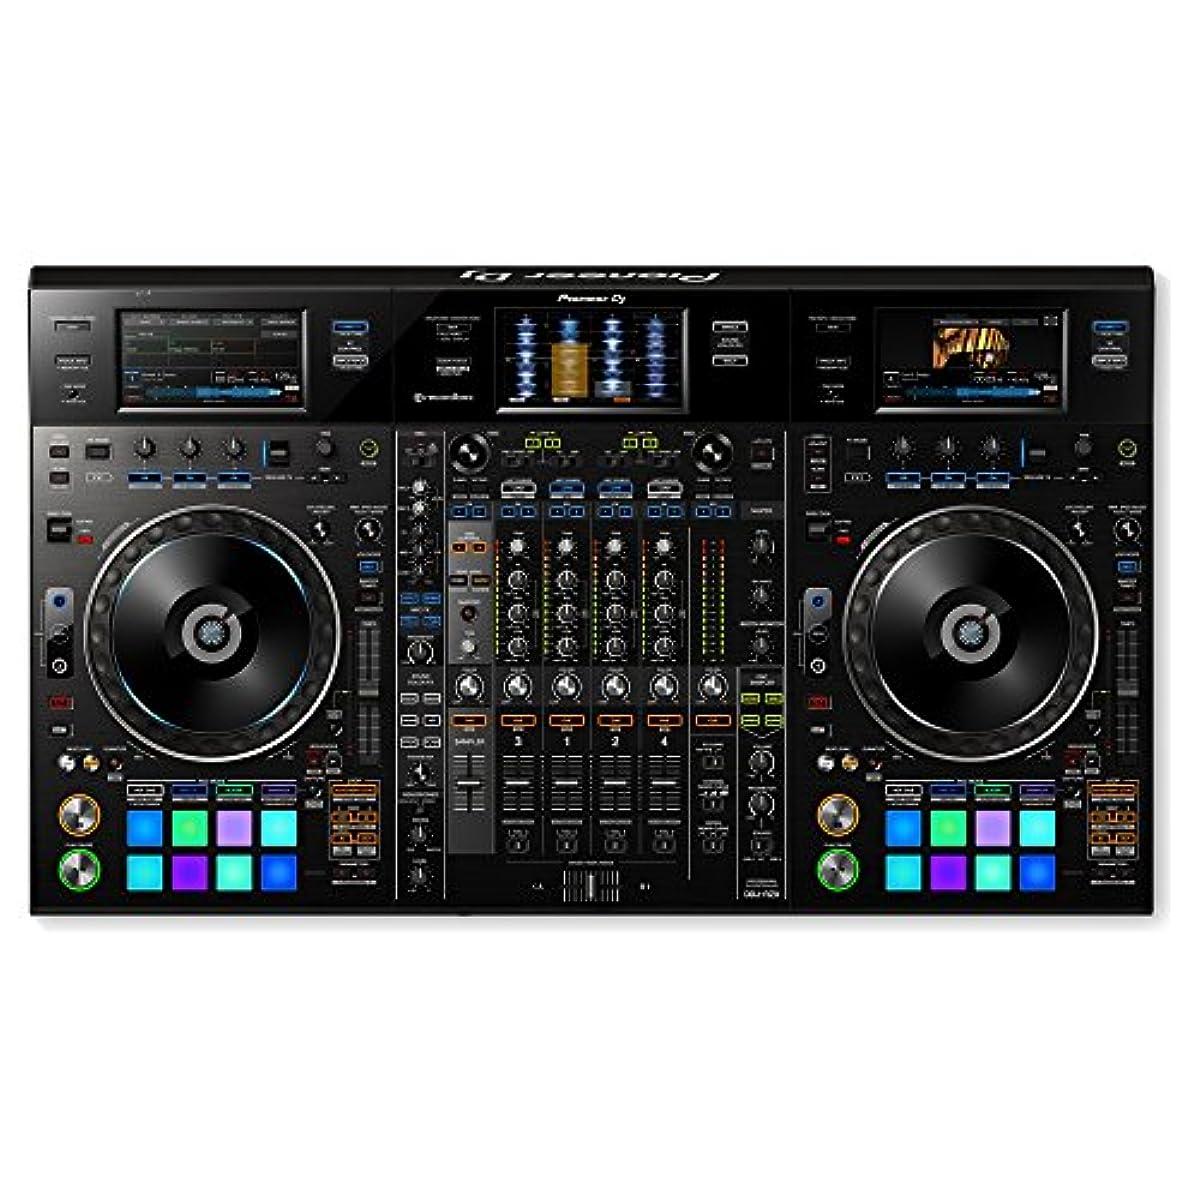 [해외] PIONEER DJ 프로패셔널DJ콘트롤러 DDJ-RZX